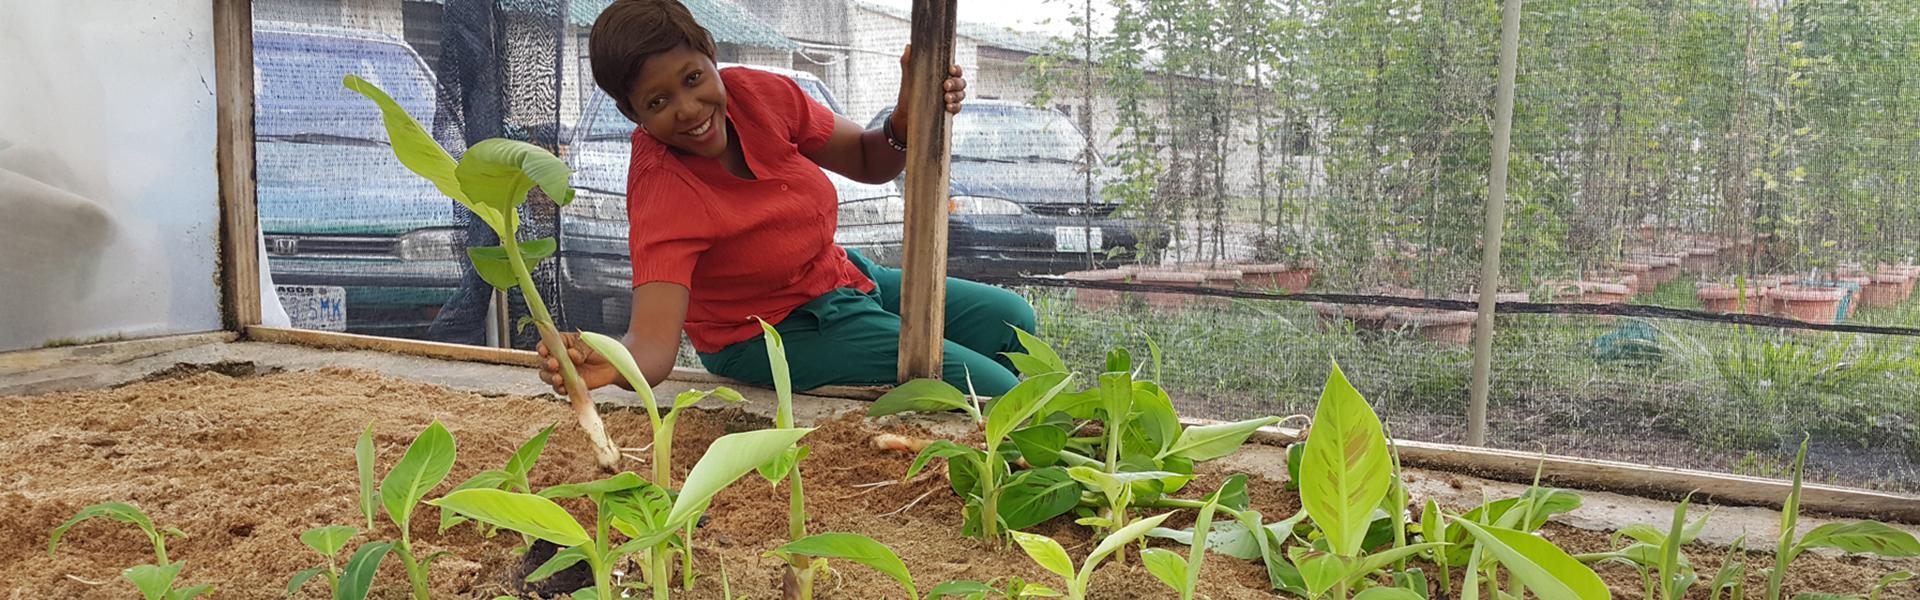 Les TIC et l'entrepreneuriat pour les systèmes agroalimentaires inclusifs